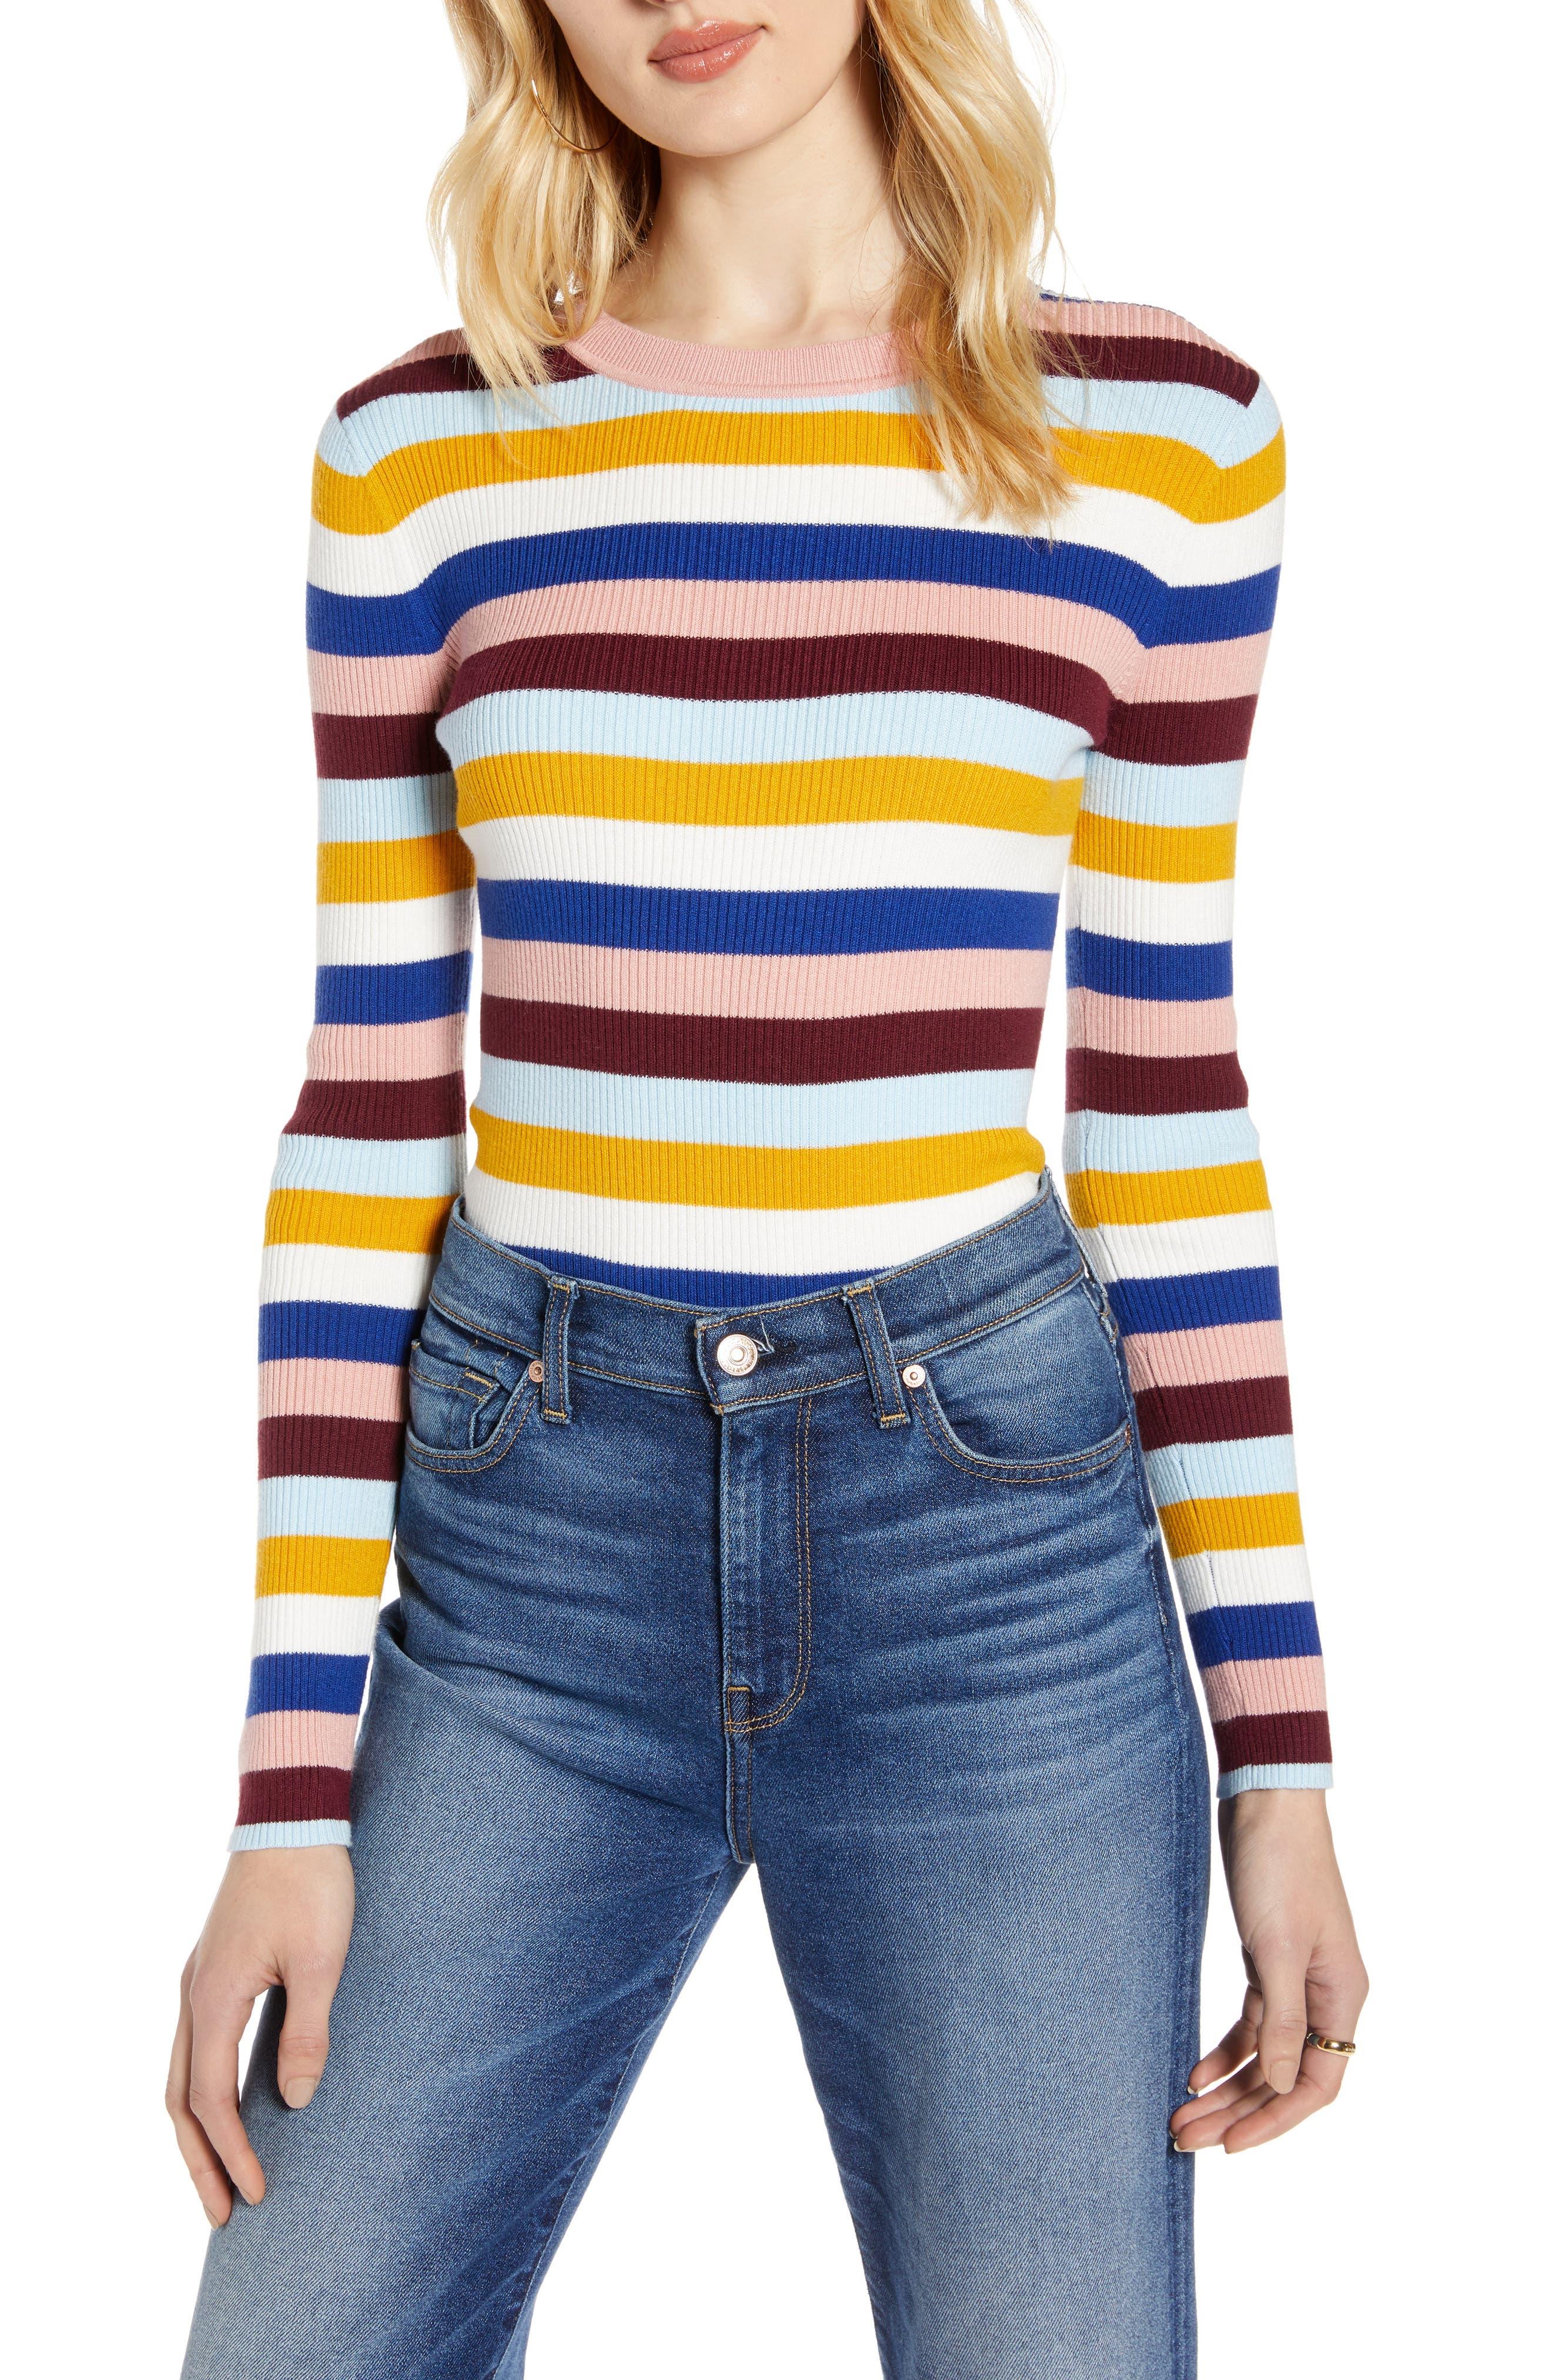 Vagabond : women's fahsion, online shopping, dresses, tops